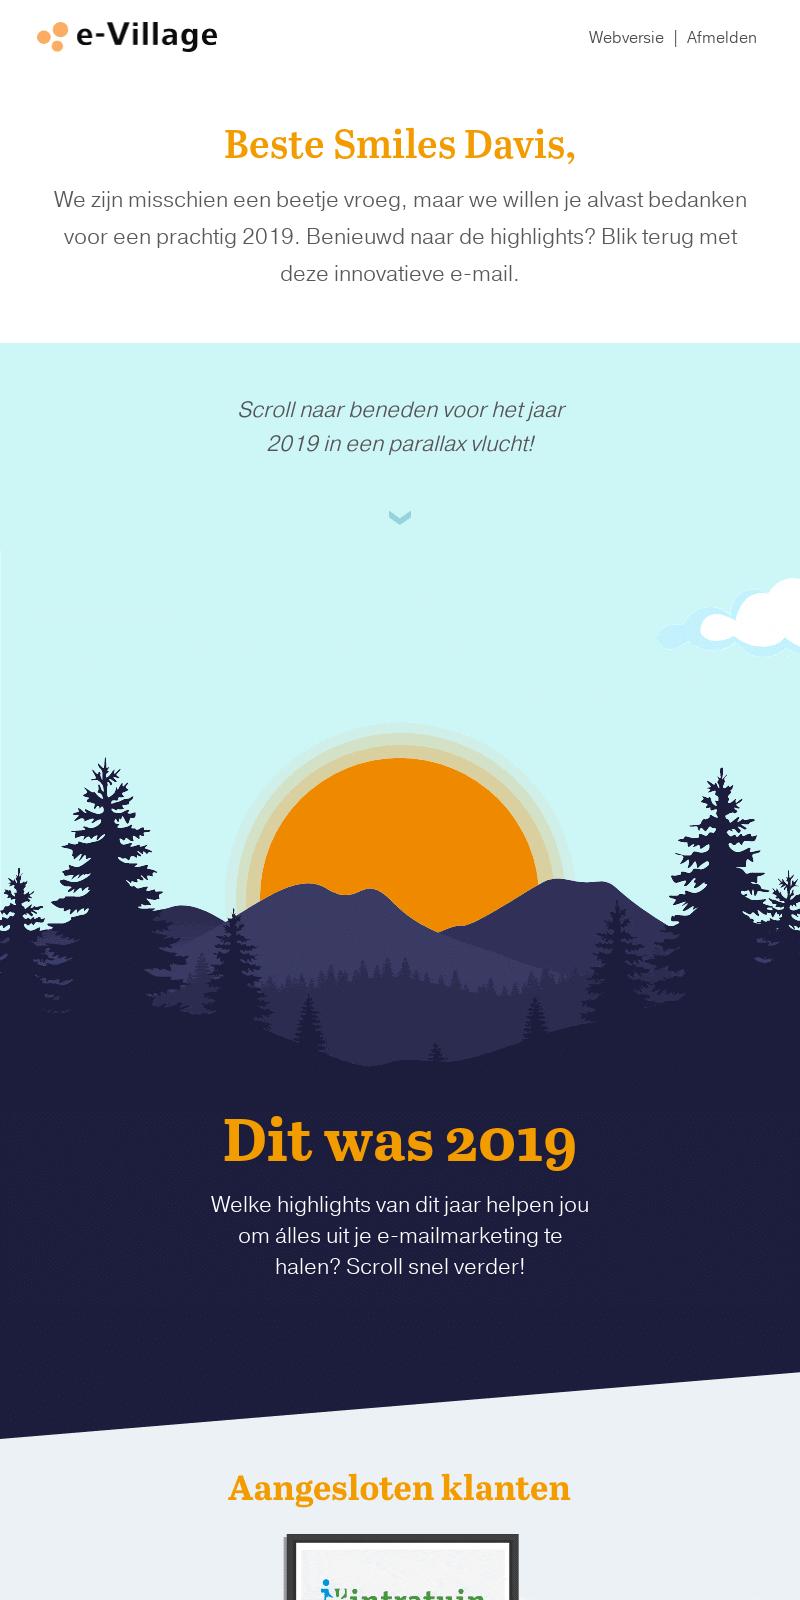 🍾 Scroll nu al door 2019 🎆